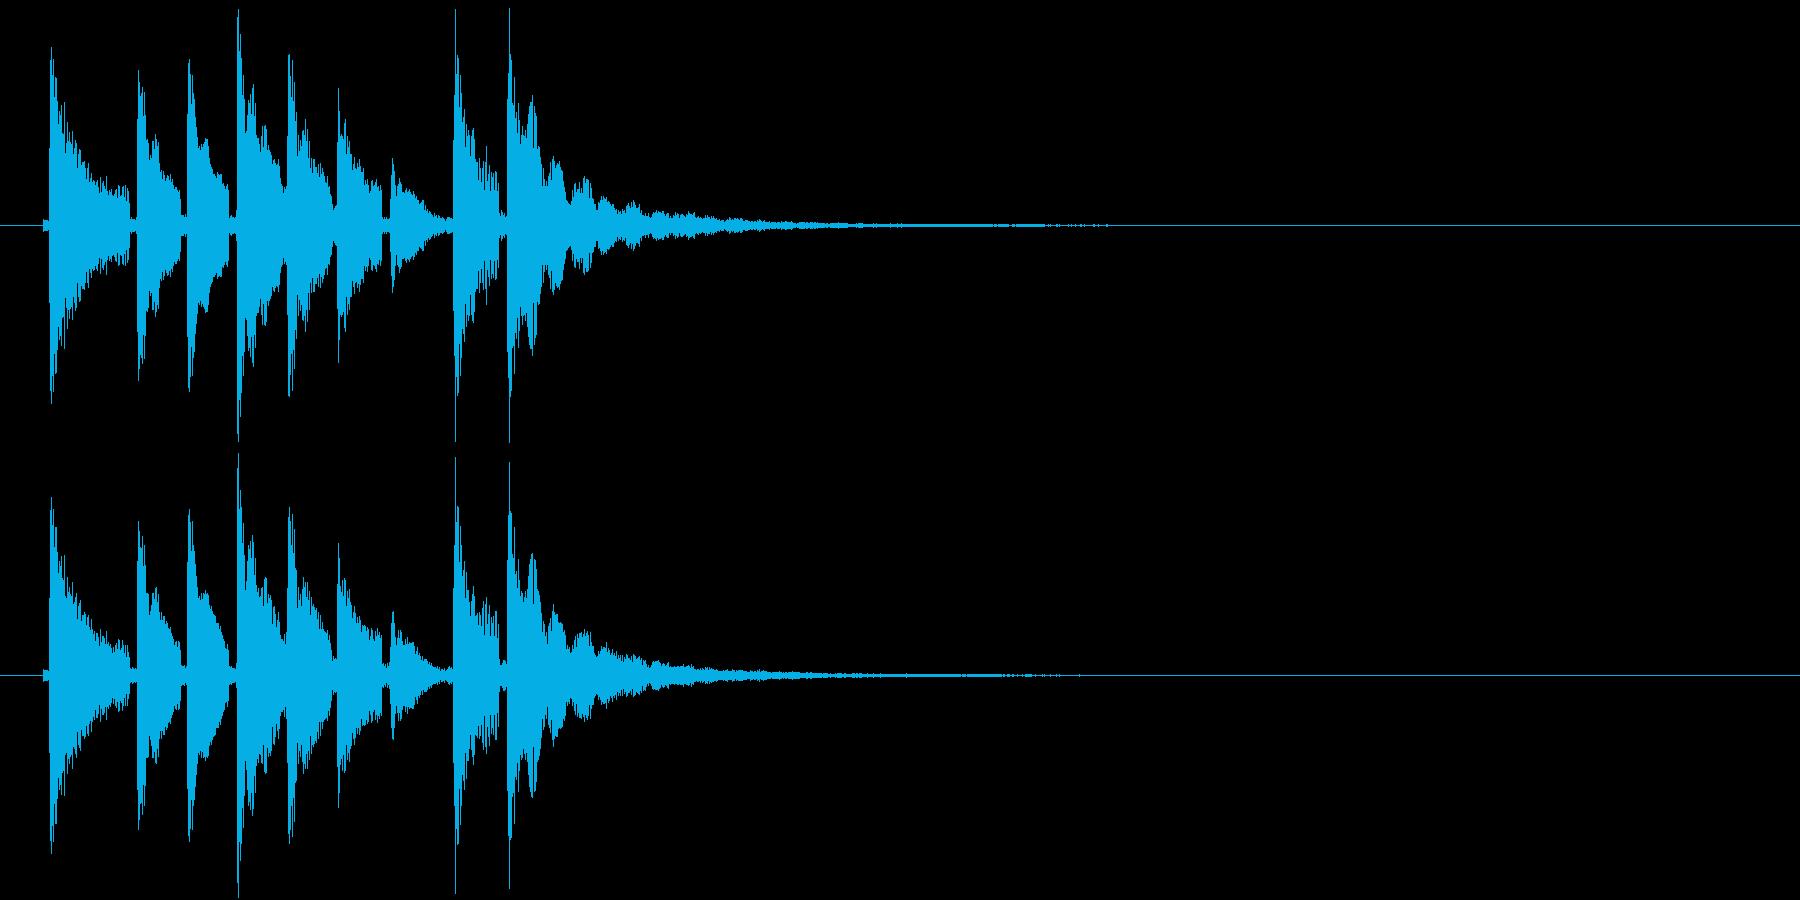 和風効果音 三味線(鳴り物なし)の再生済みの波形